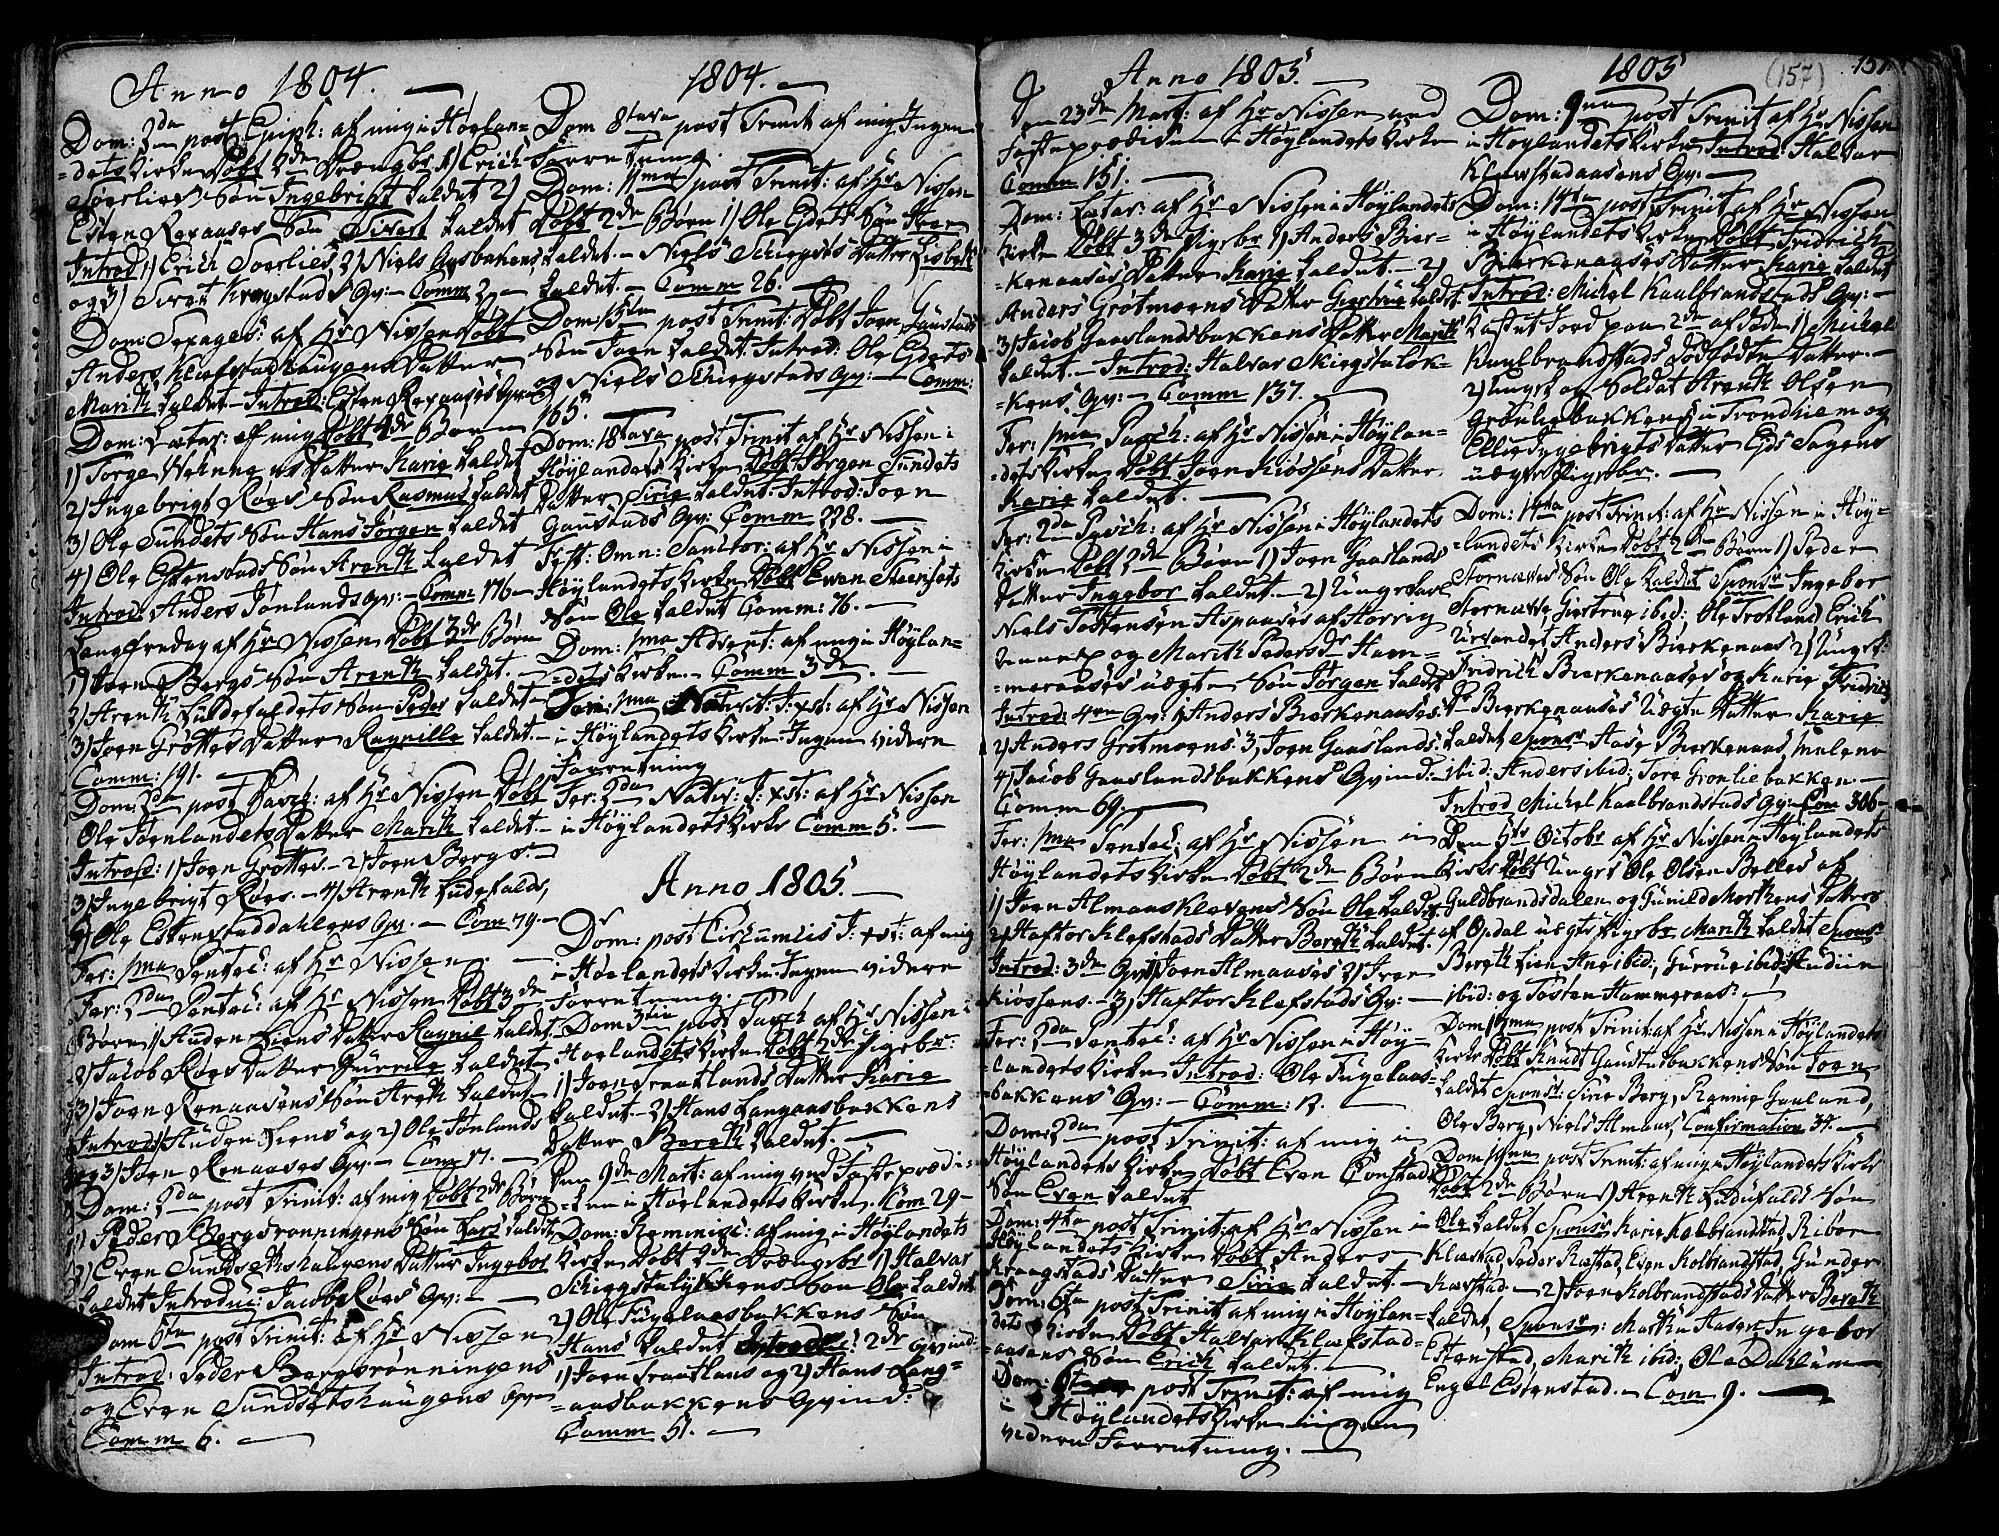 SAT, Ministerialprotokoller, klokkerbøker og fødselsregistre - Sør-Trøndelag, 691/L1064: Ministerialbok nr. 691A02 /4, 1768-1815, s. 157